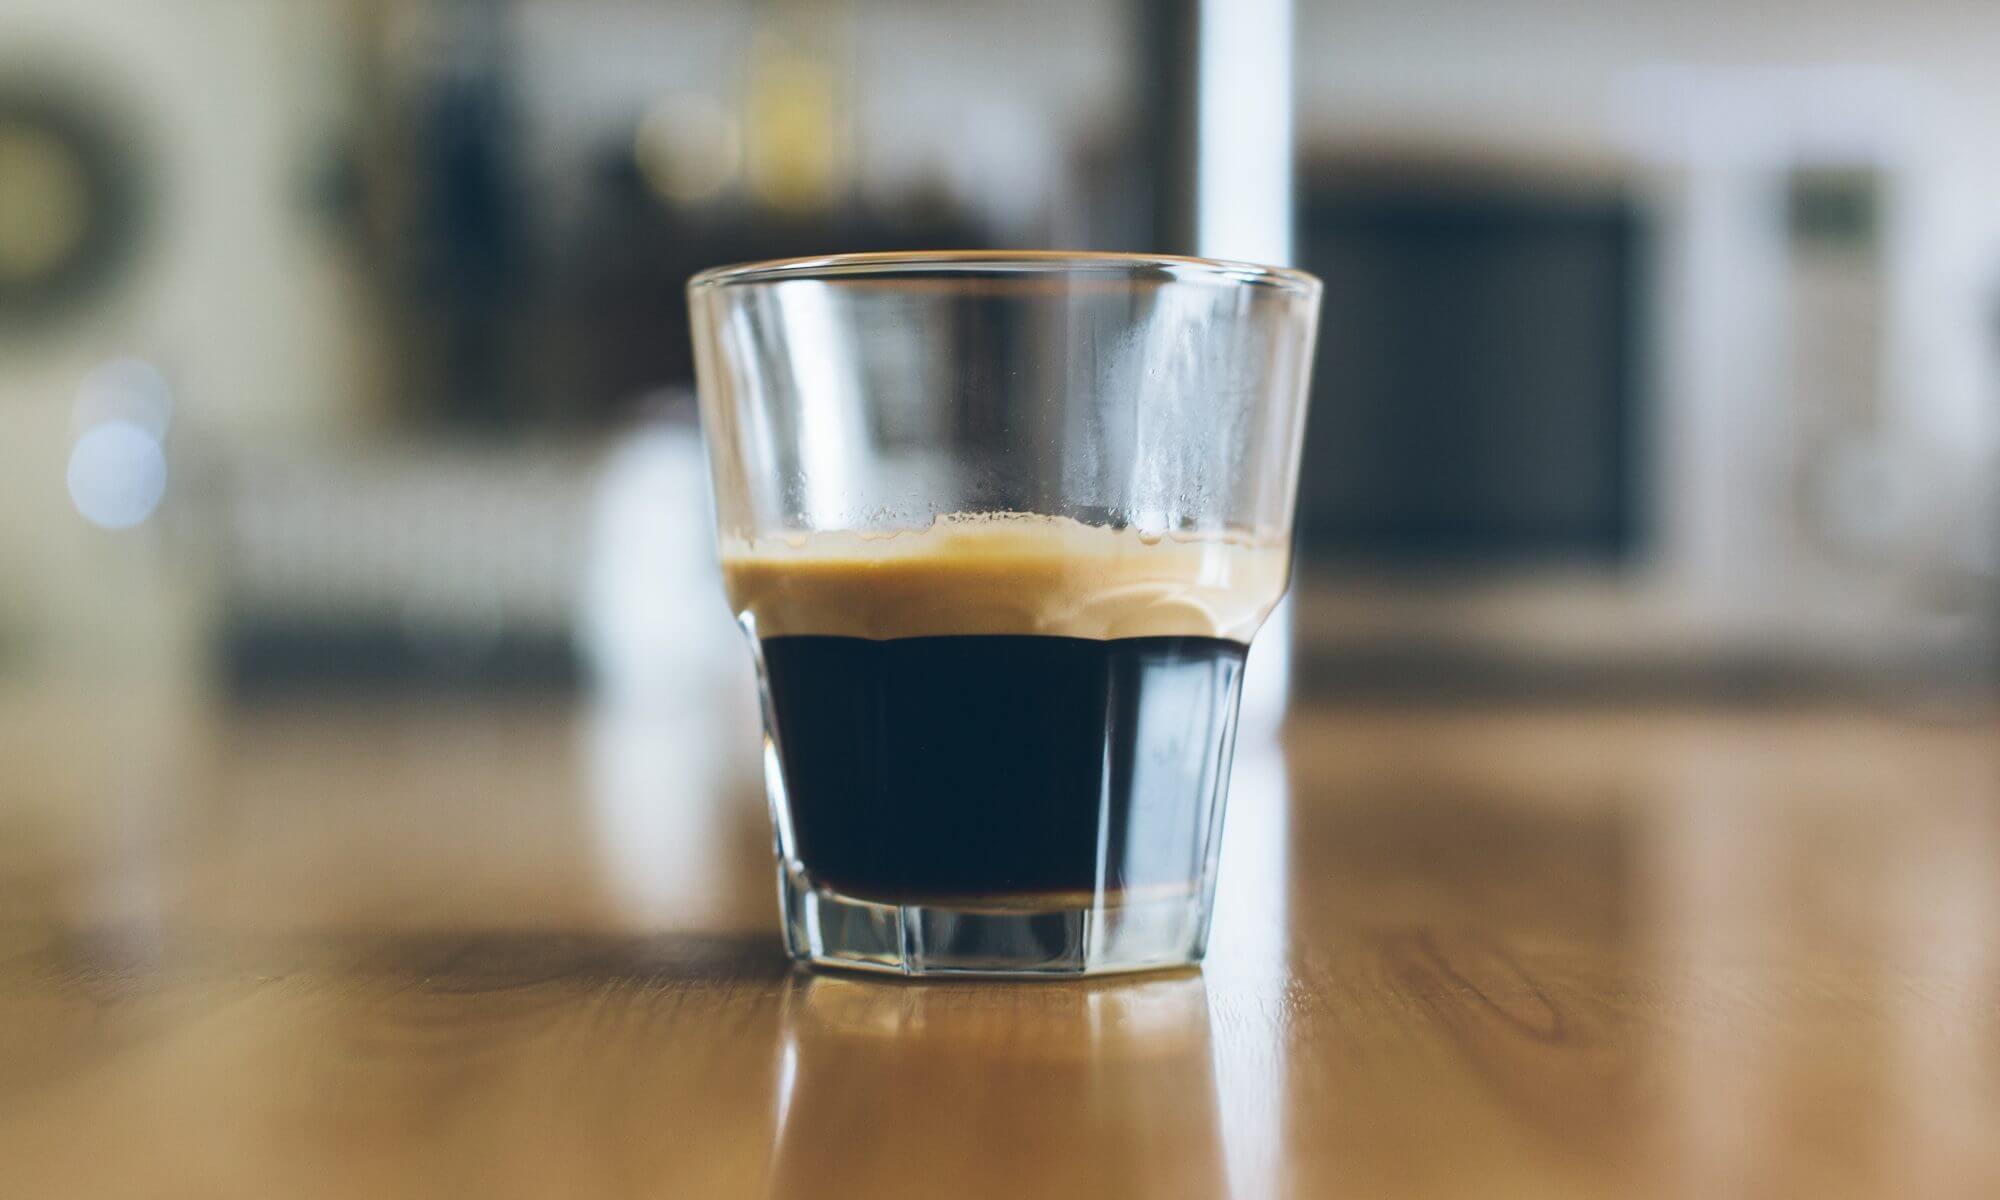 It's an Espresso